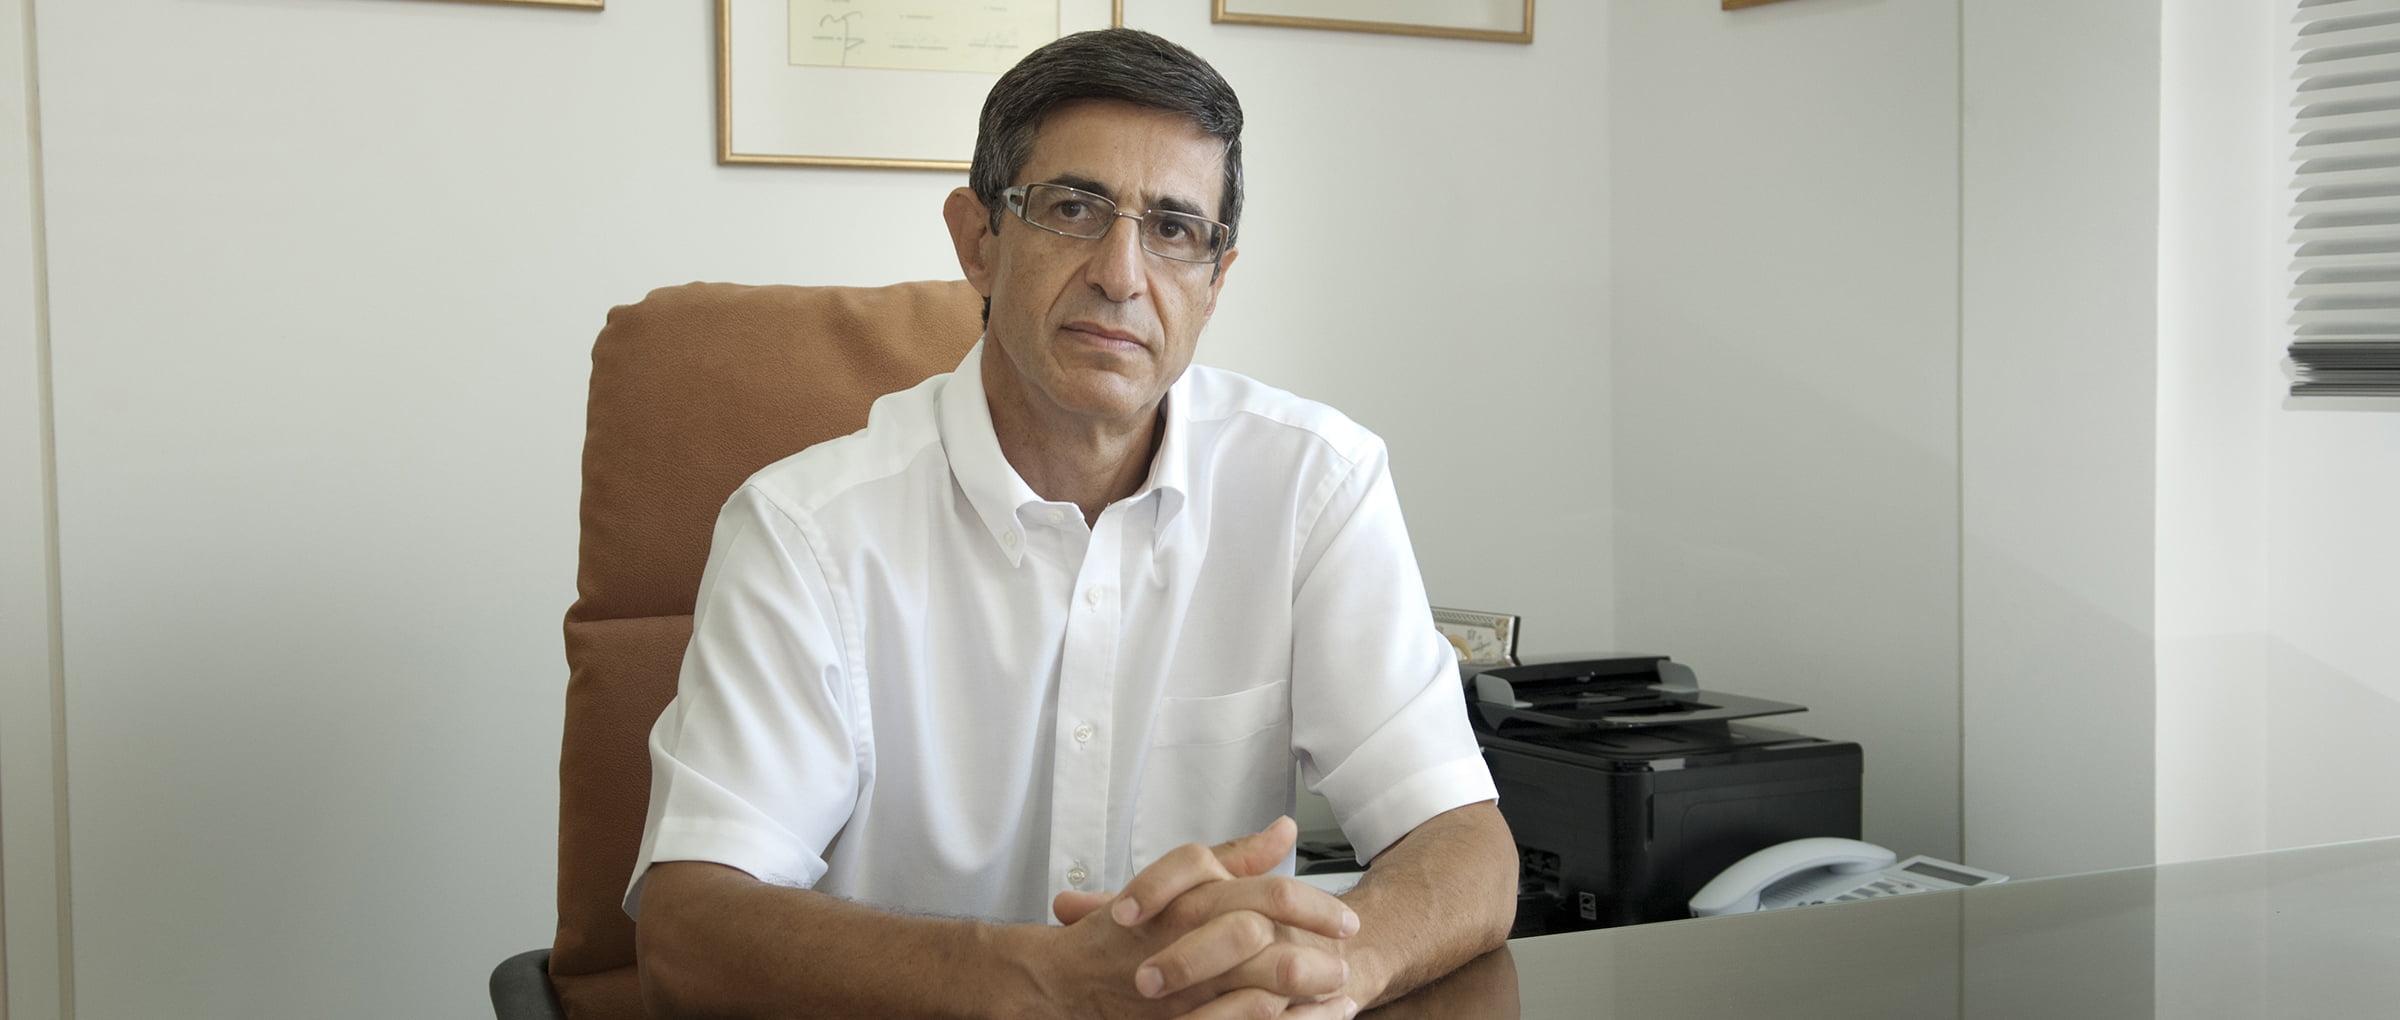 Dr Marios Televantos